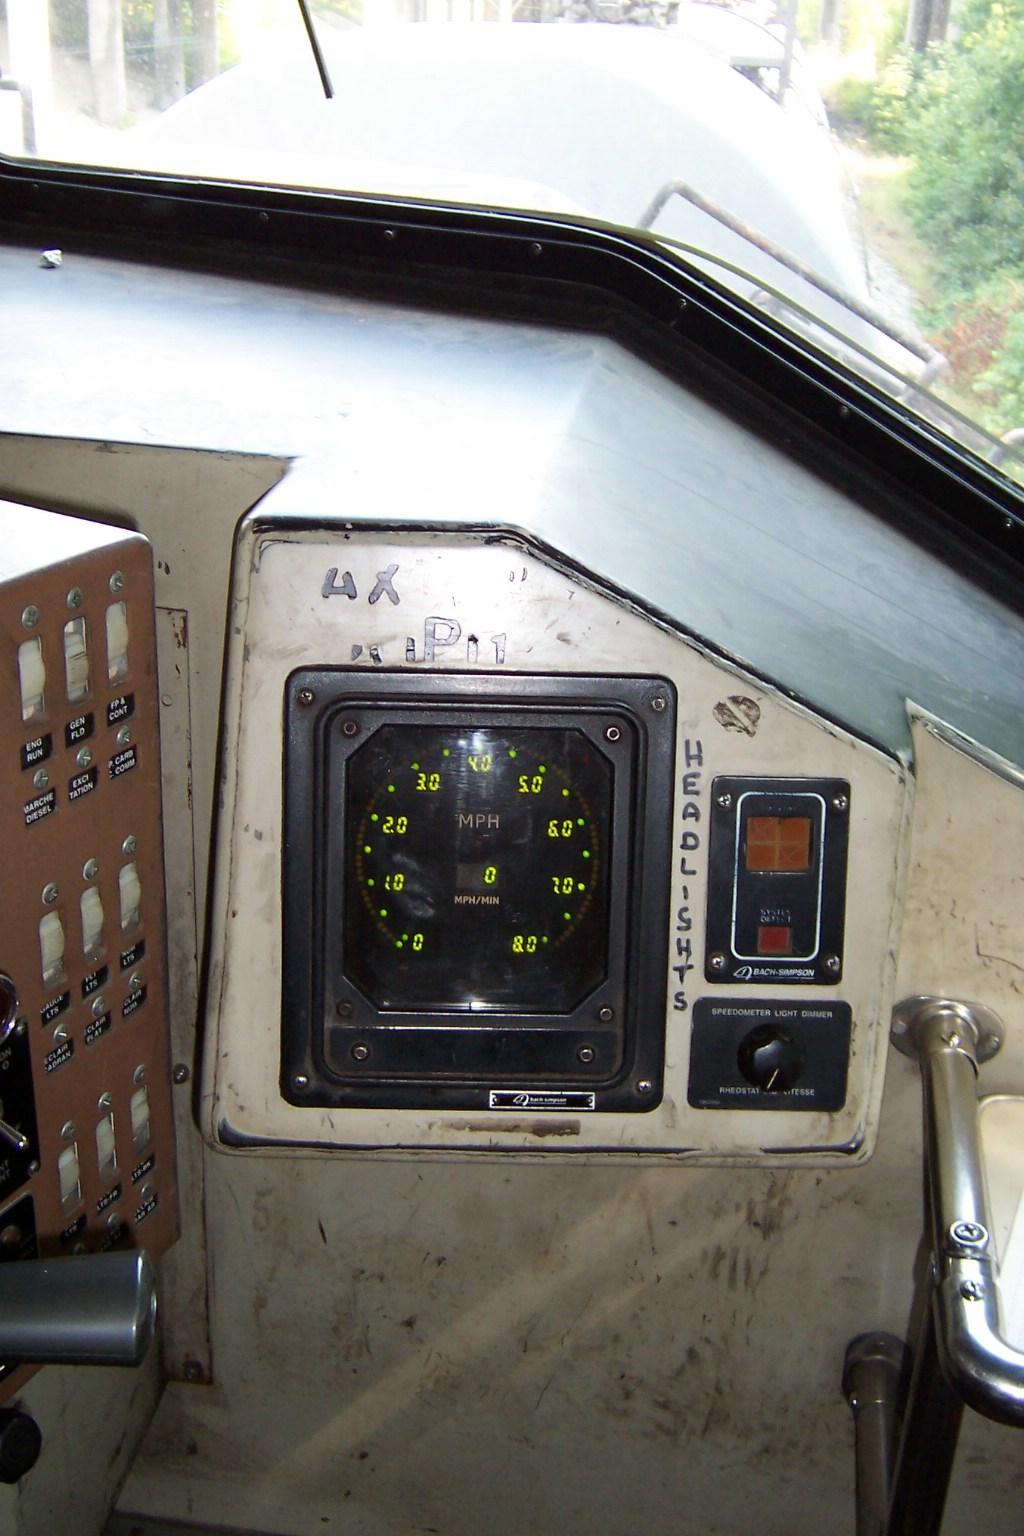 Interesting Speedometer